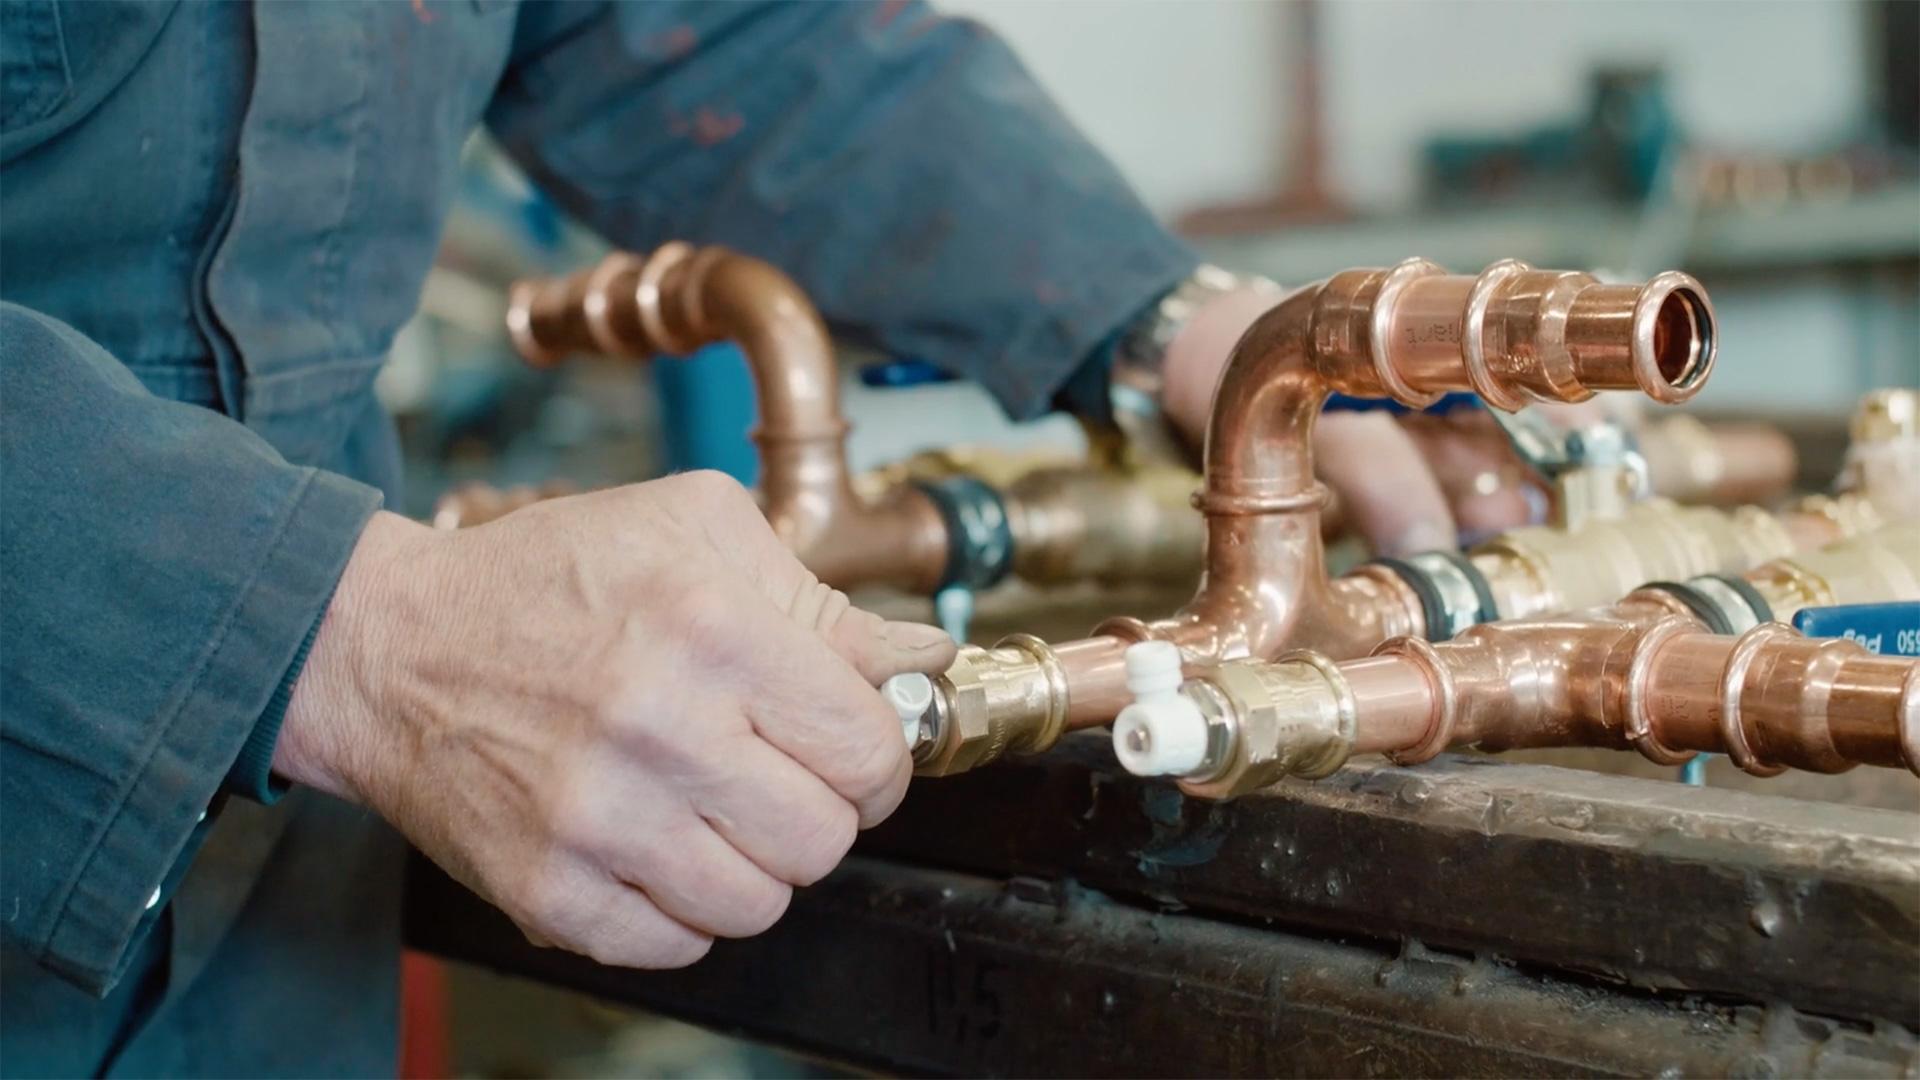 Loodgietersbedrijf voor al je loodgieterswerk